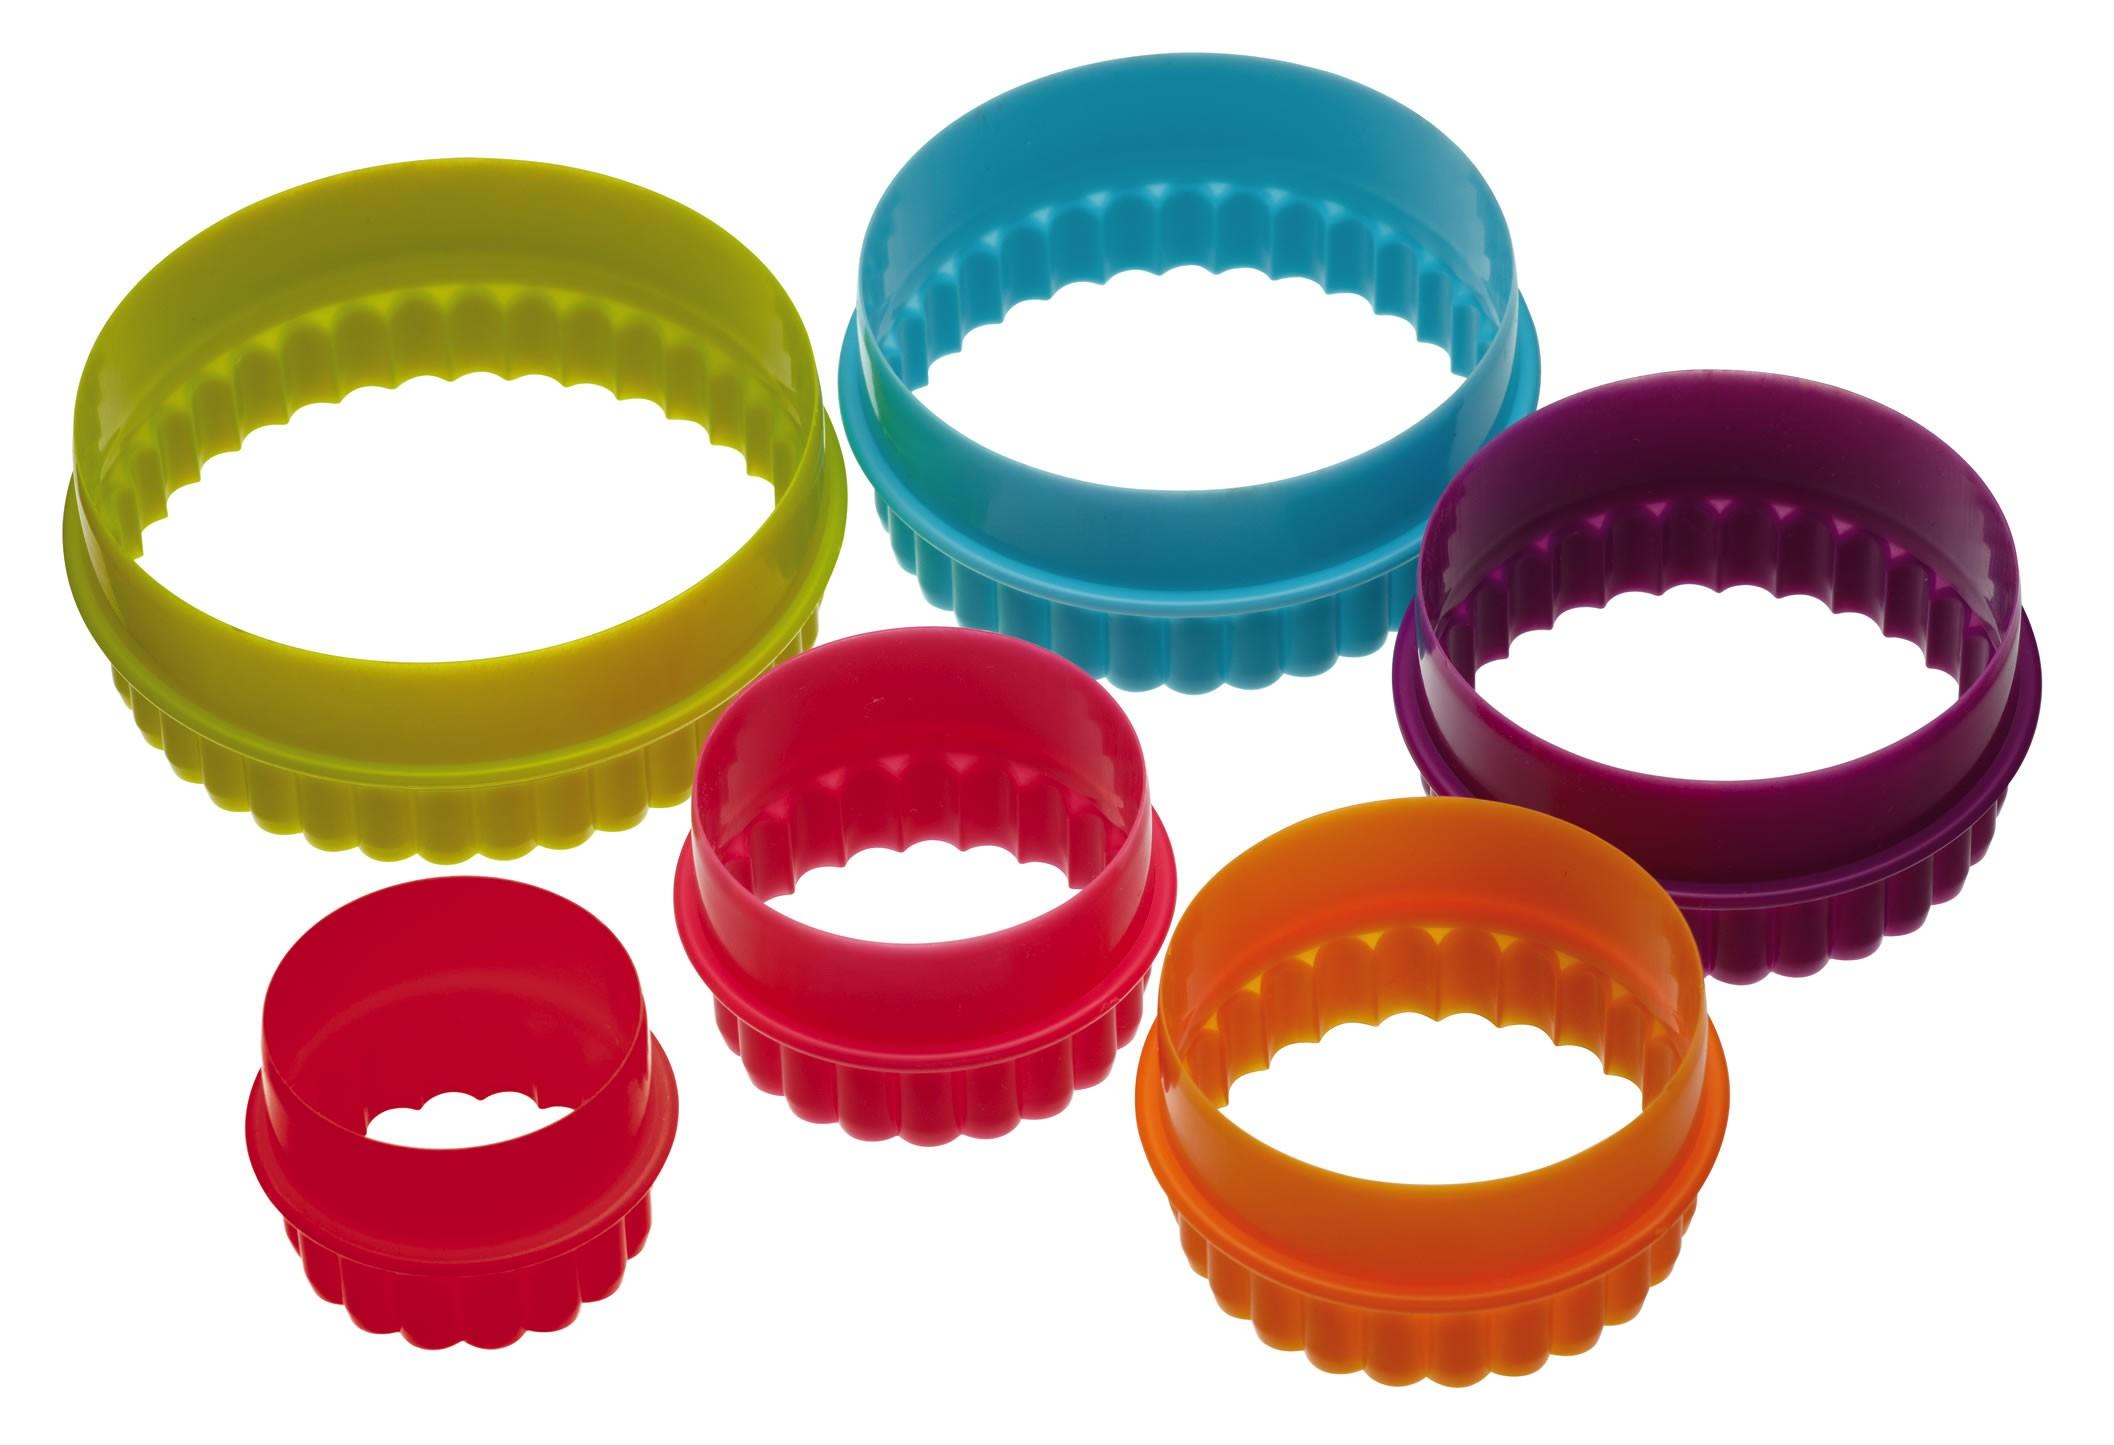 κουπ-πατ σετ 6 τεμάχια στρογγυλά colourworks by kitchencraft home   ζαχαροπλαστικη   κουπ   πατ